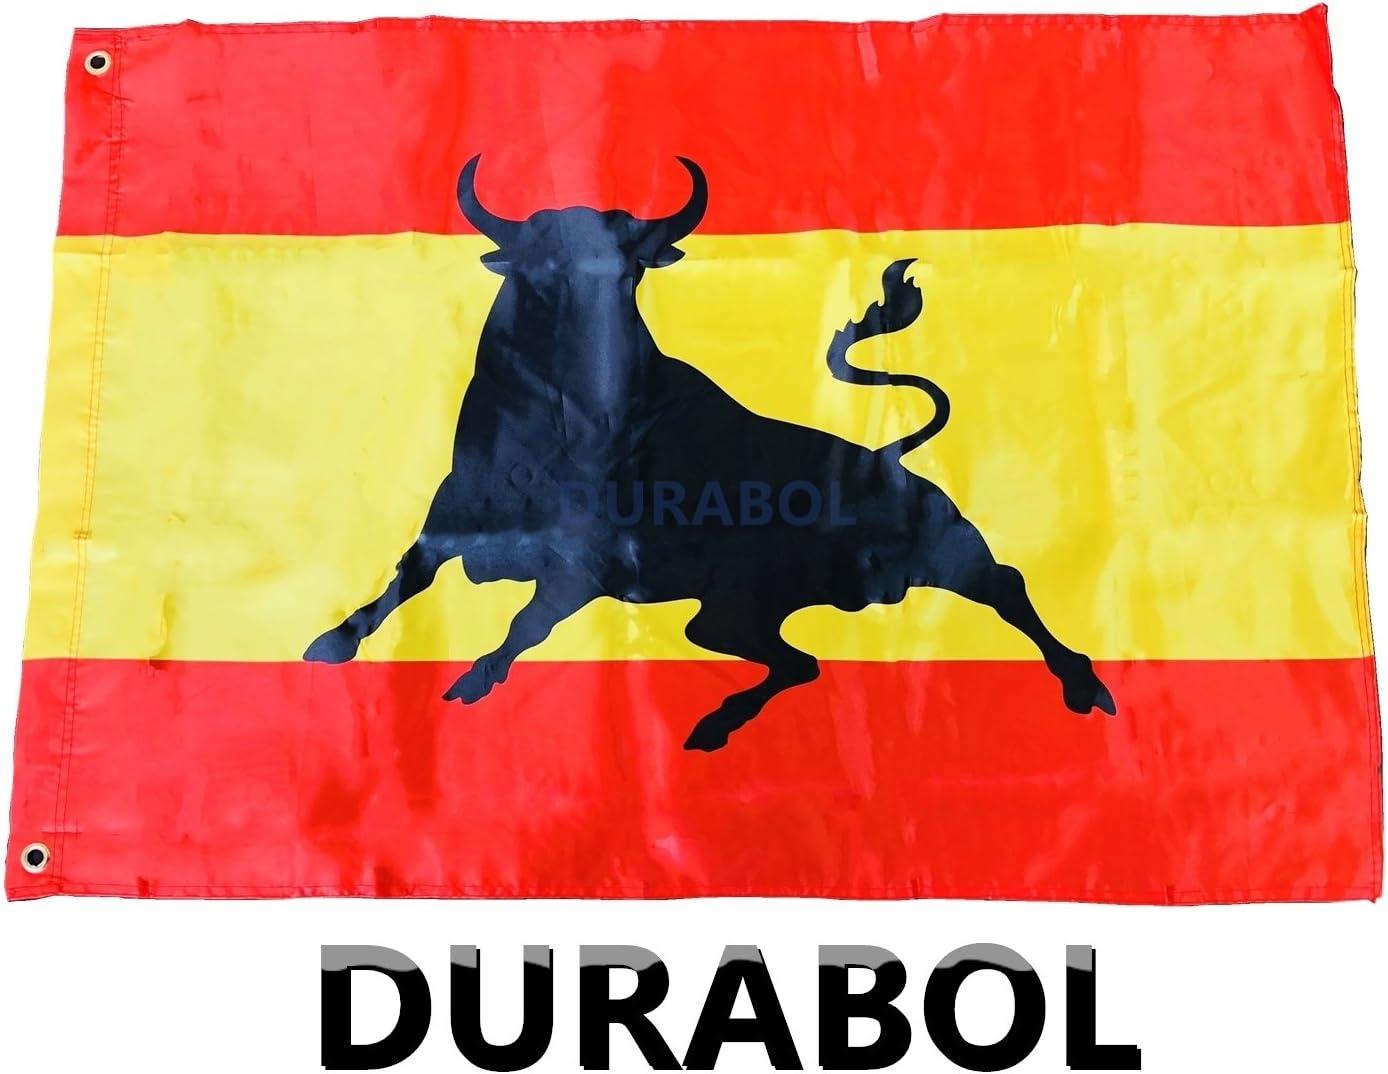 DURABOL Bandera de toro España 60*90 cm SATIN 2 anillas metálicas fijadas en el dobladillo (TORO): Amazon.es: Jardín